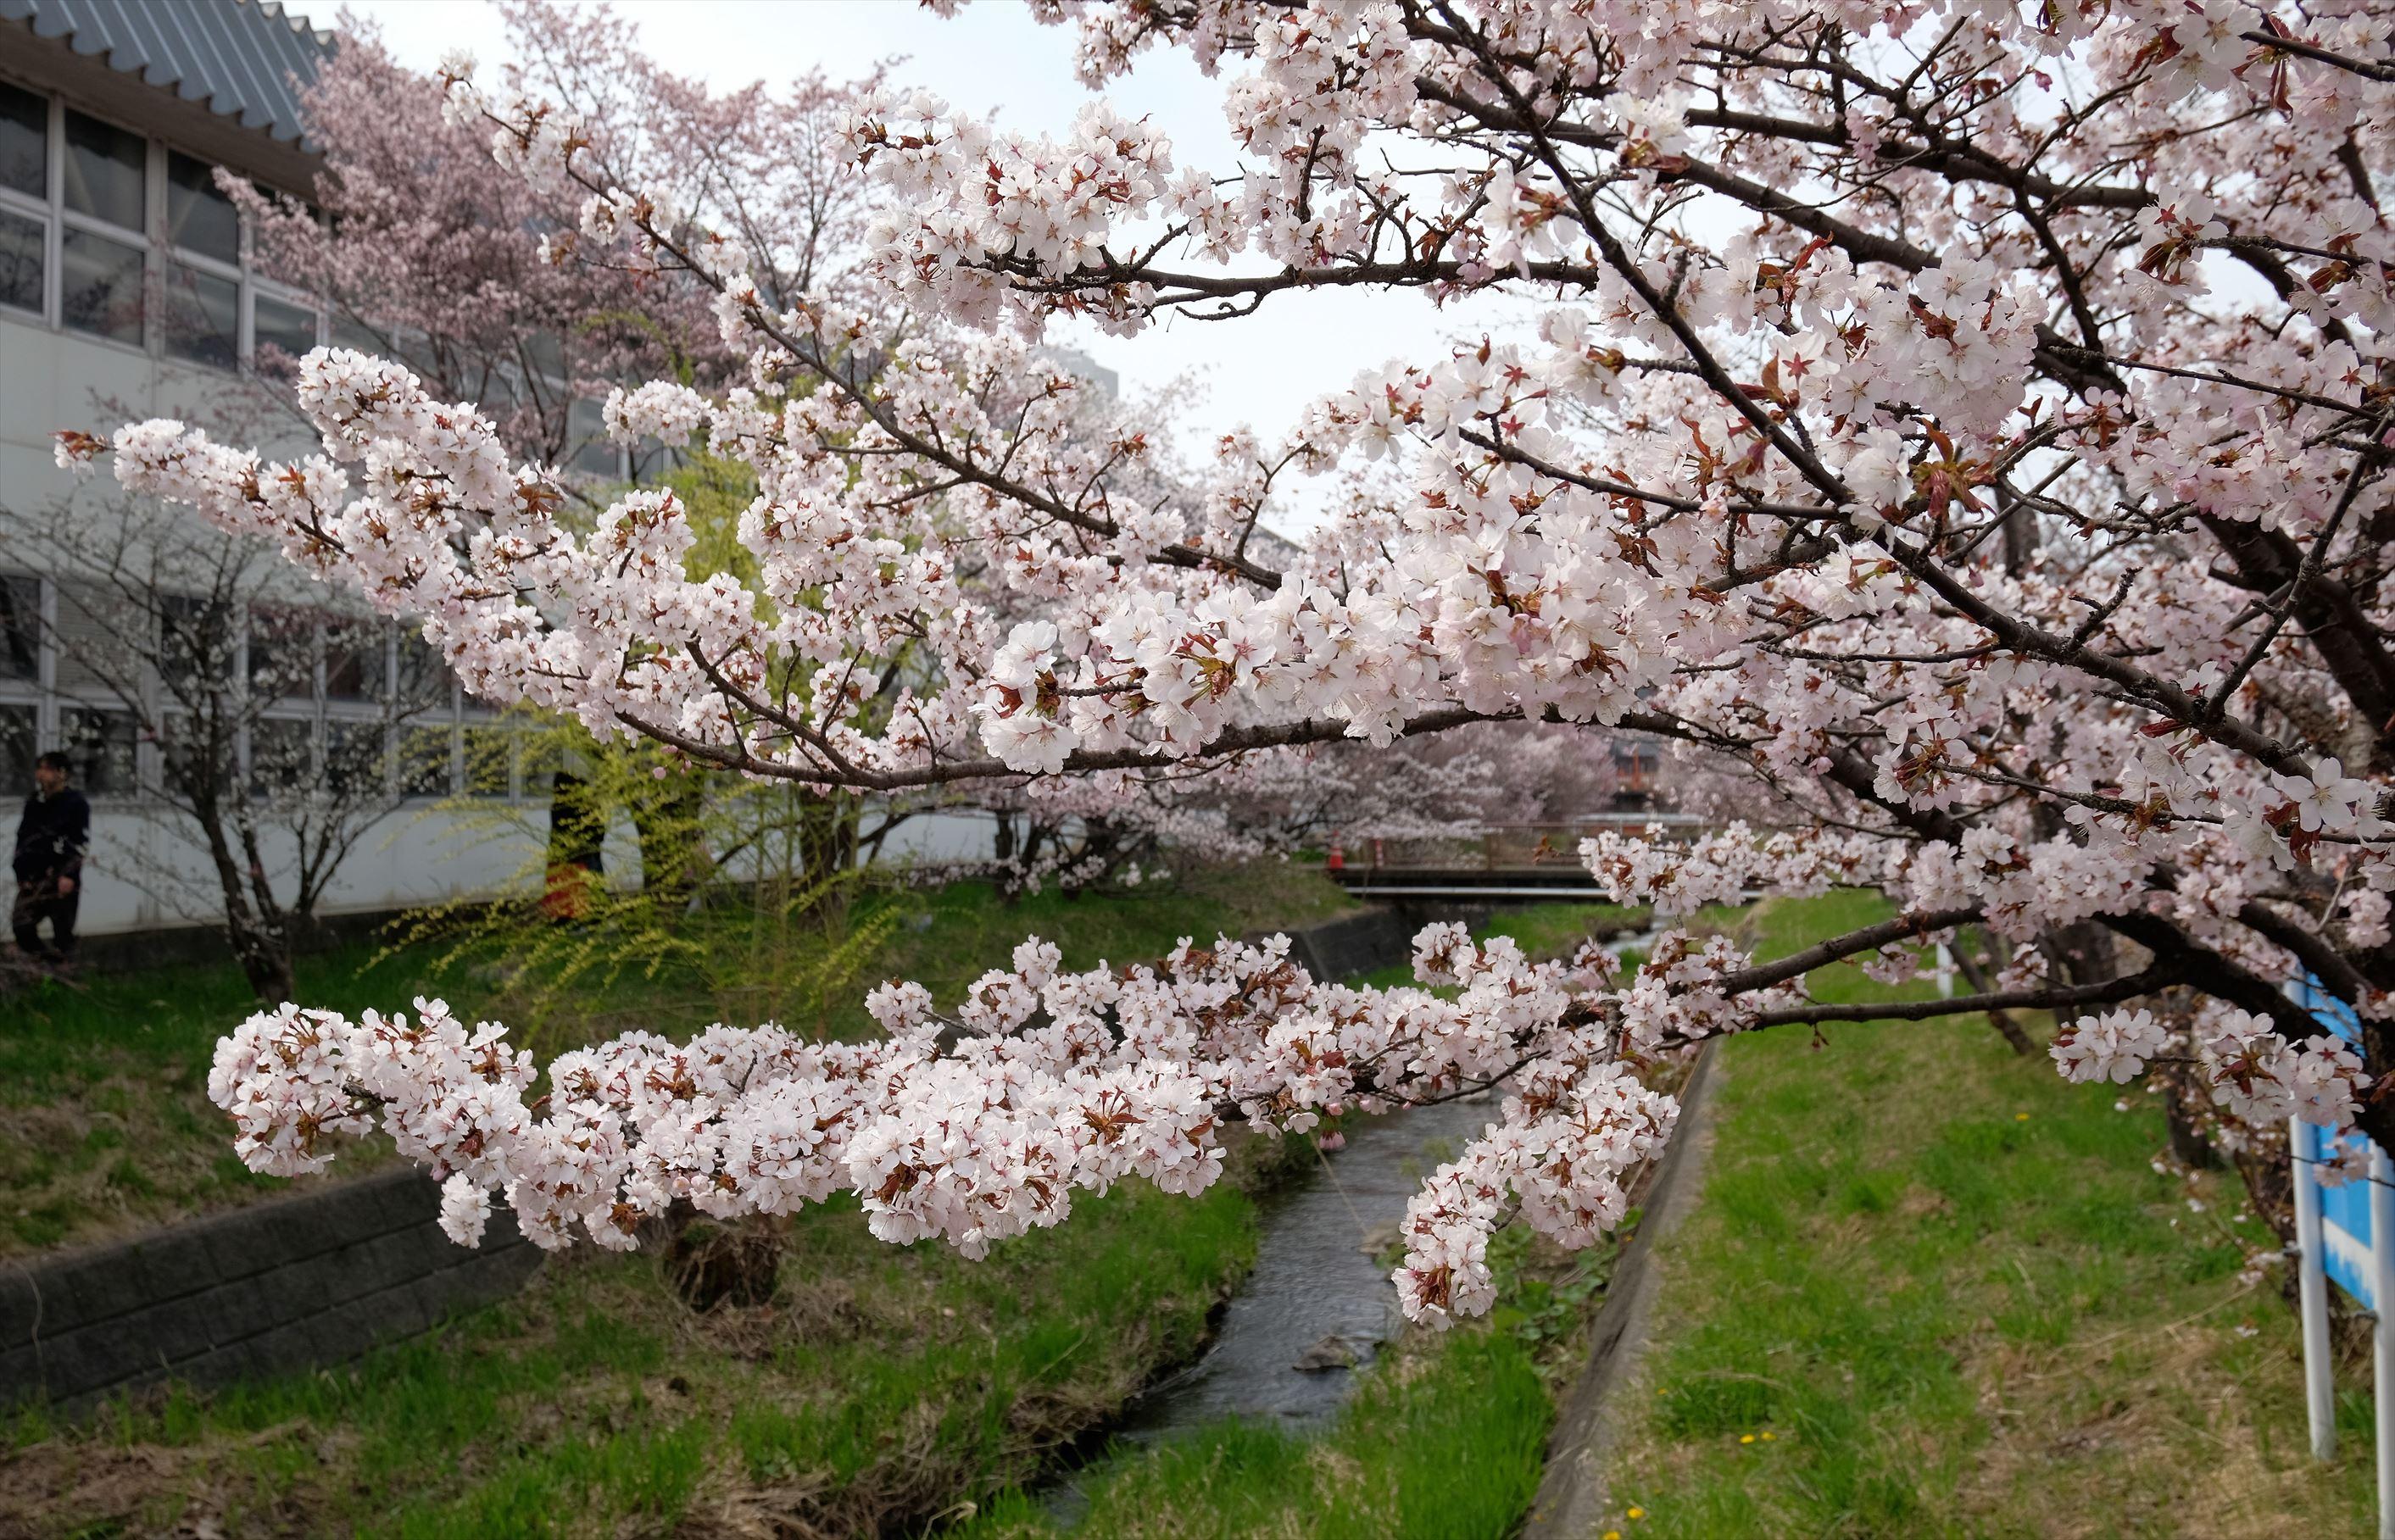 ぶらり散歩写真@sapporo一足先に千島桜